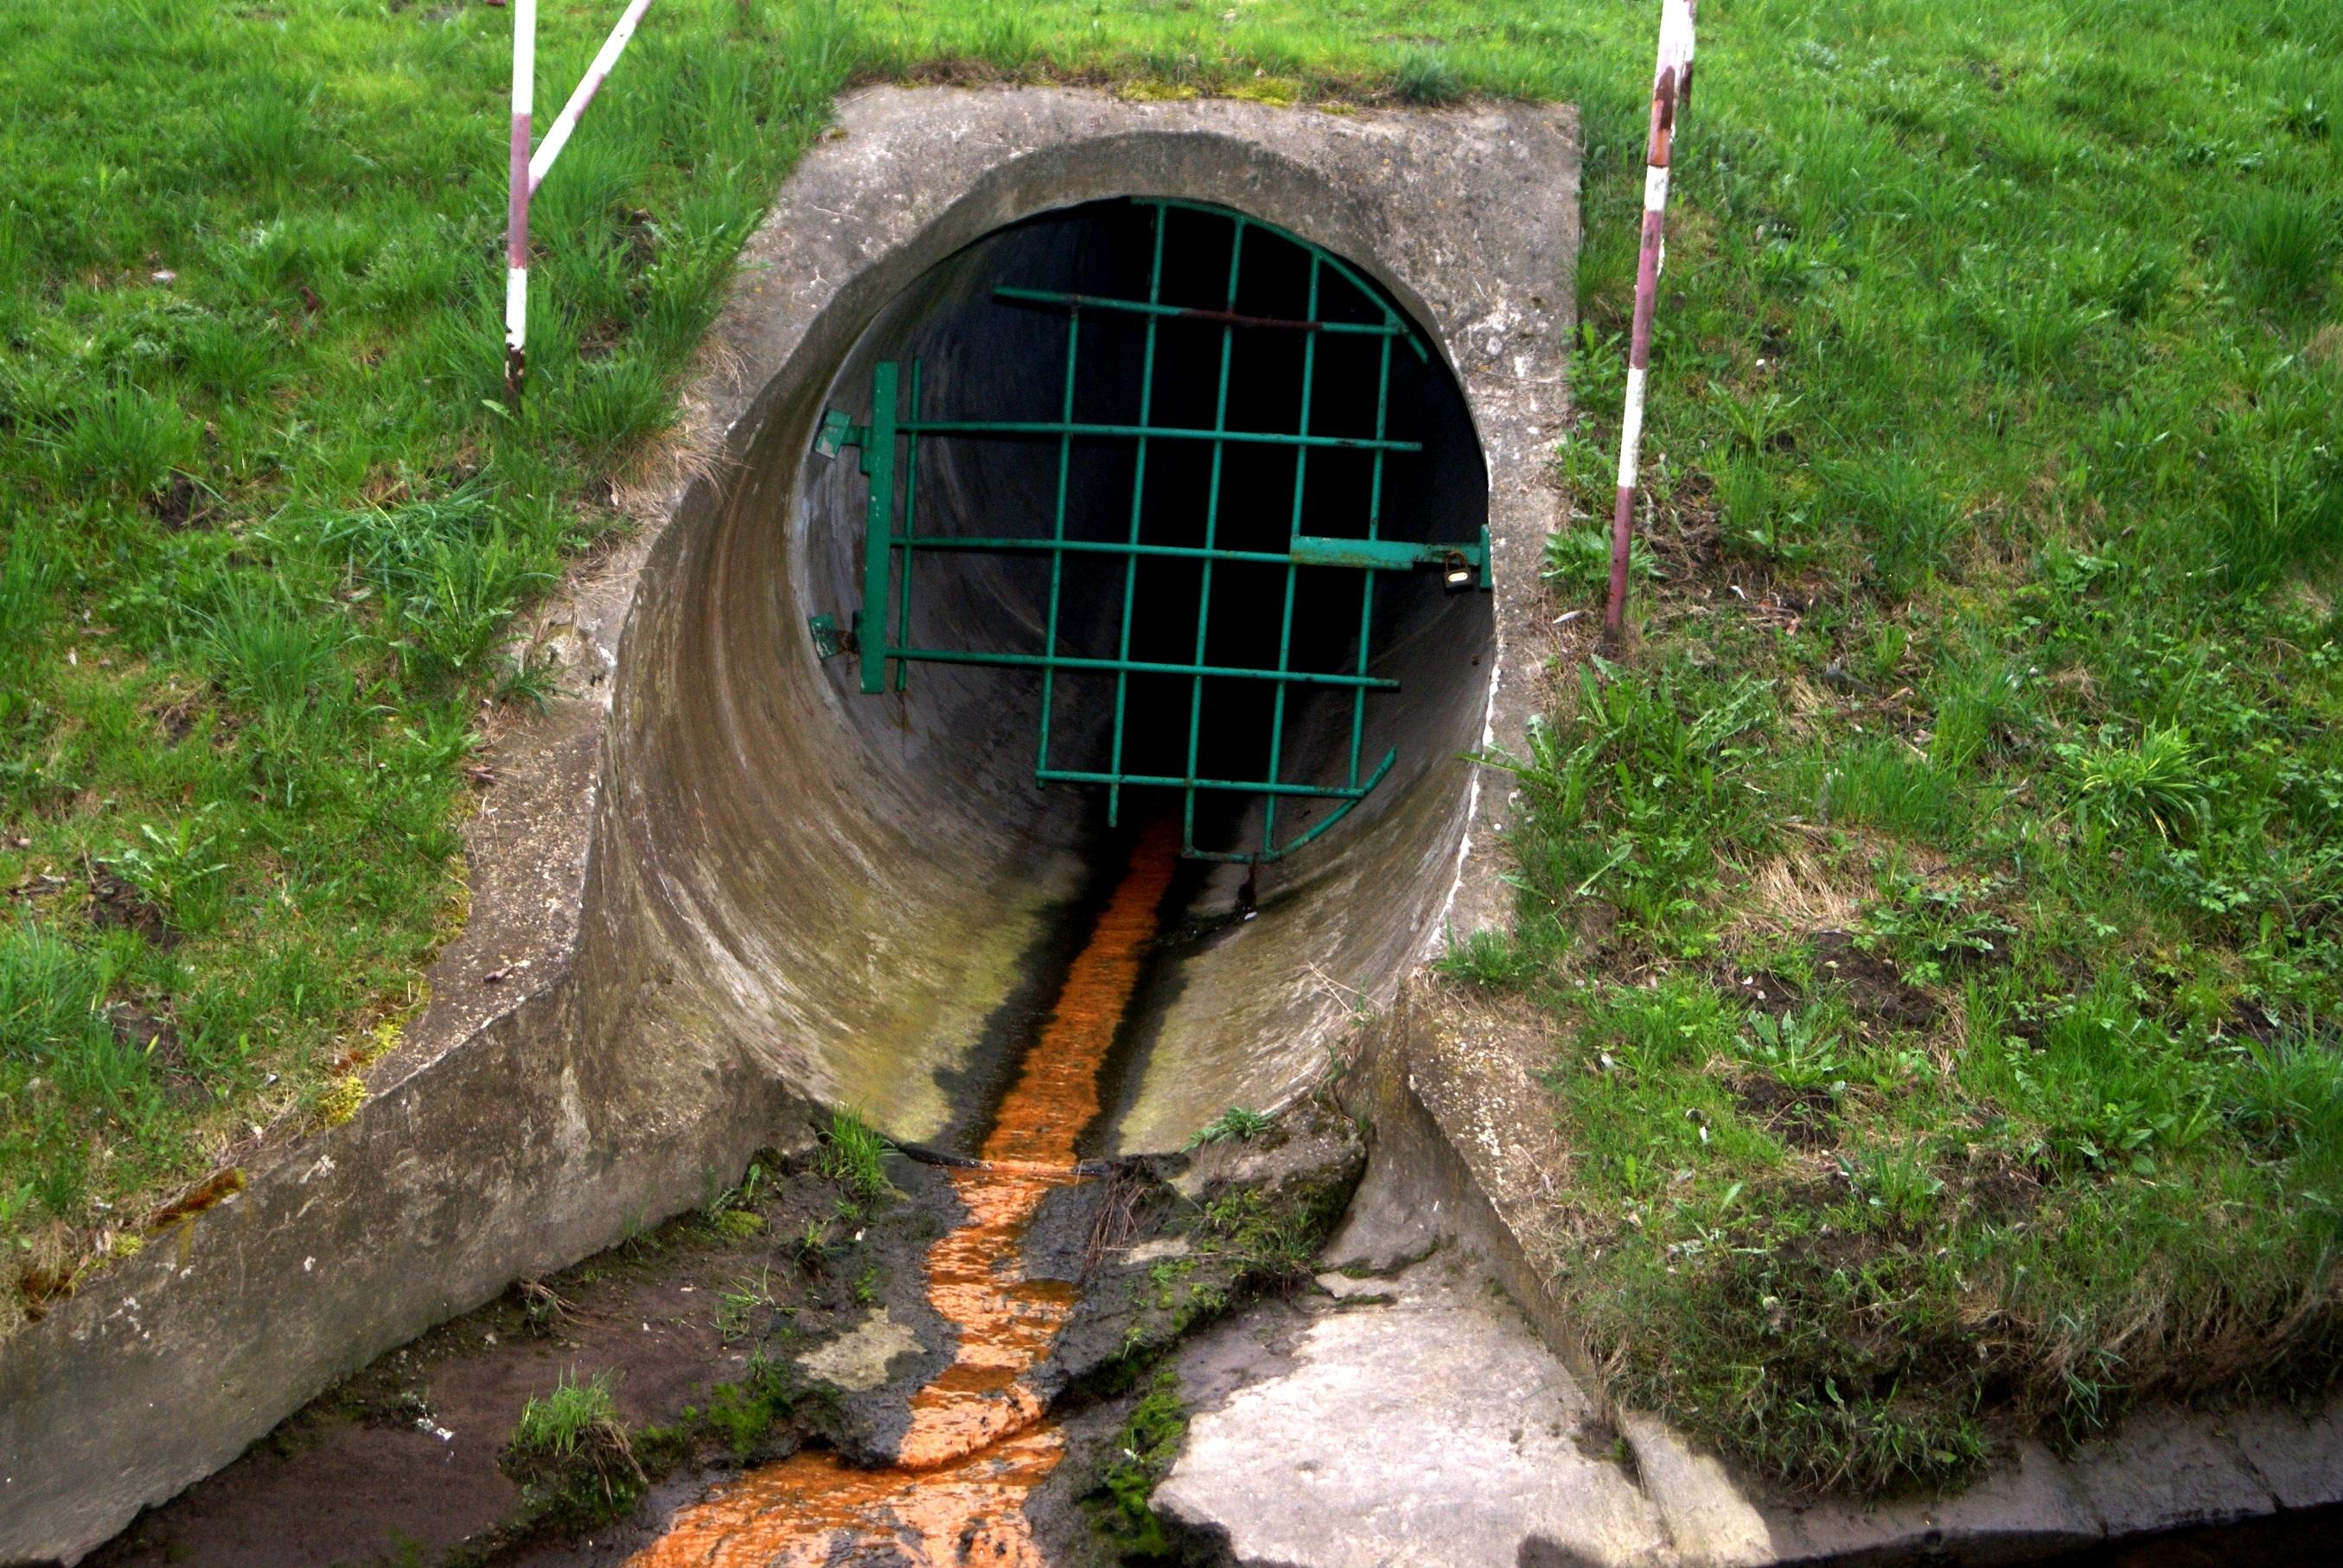 Fertilizers can contaminate run off.